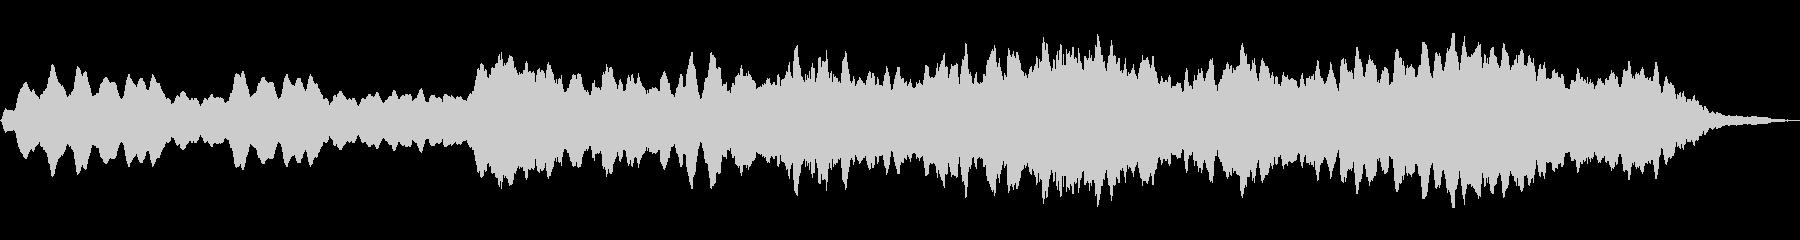 ディープトーン:着信音の高いロード...の未再生の波形